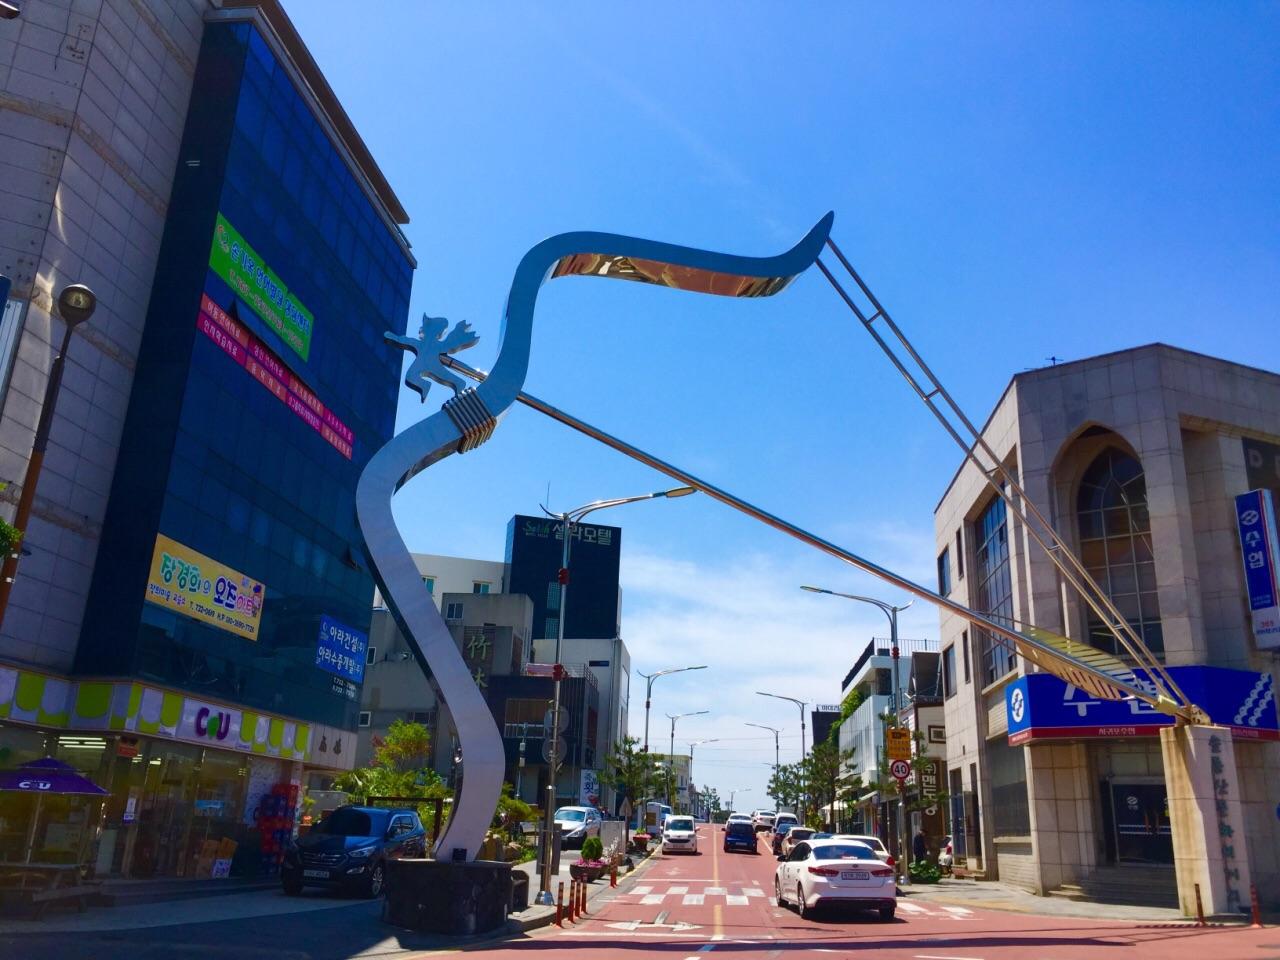 濟州市可以坐702西部環線到達,世界杯足球體育場就在西歸浦客運站的圖片